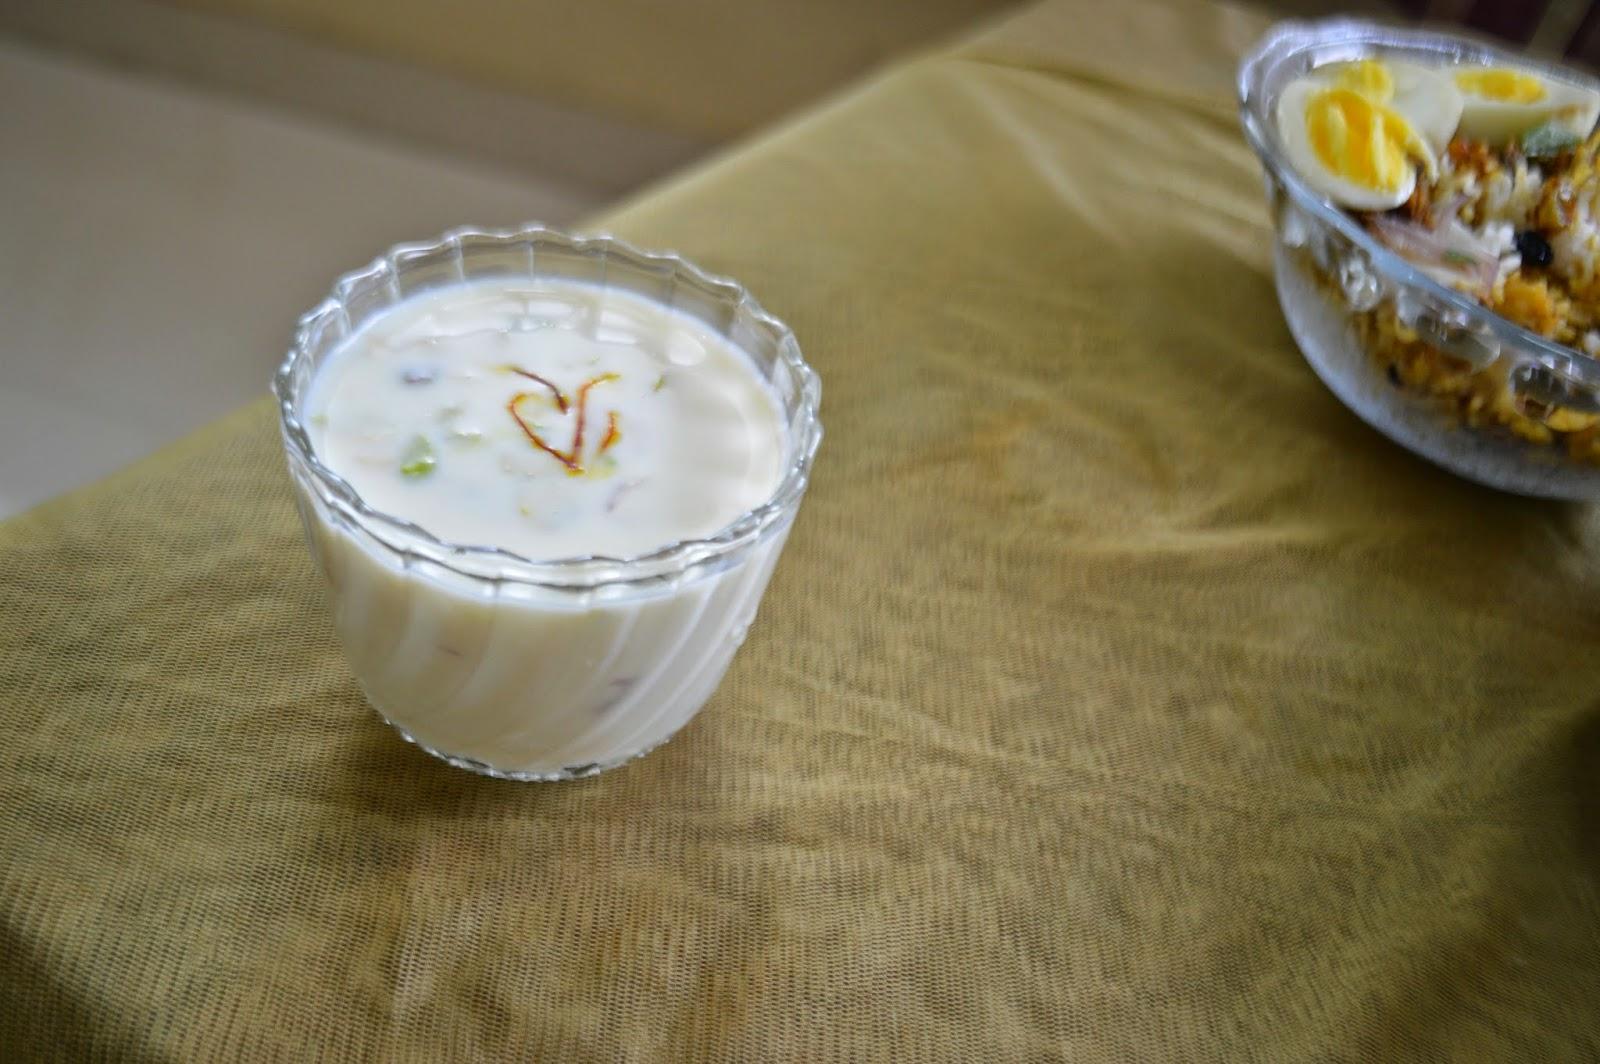 omani sherbet/ milk beverage